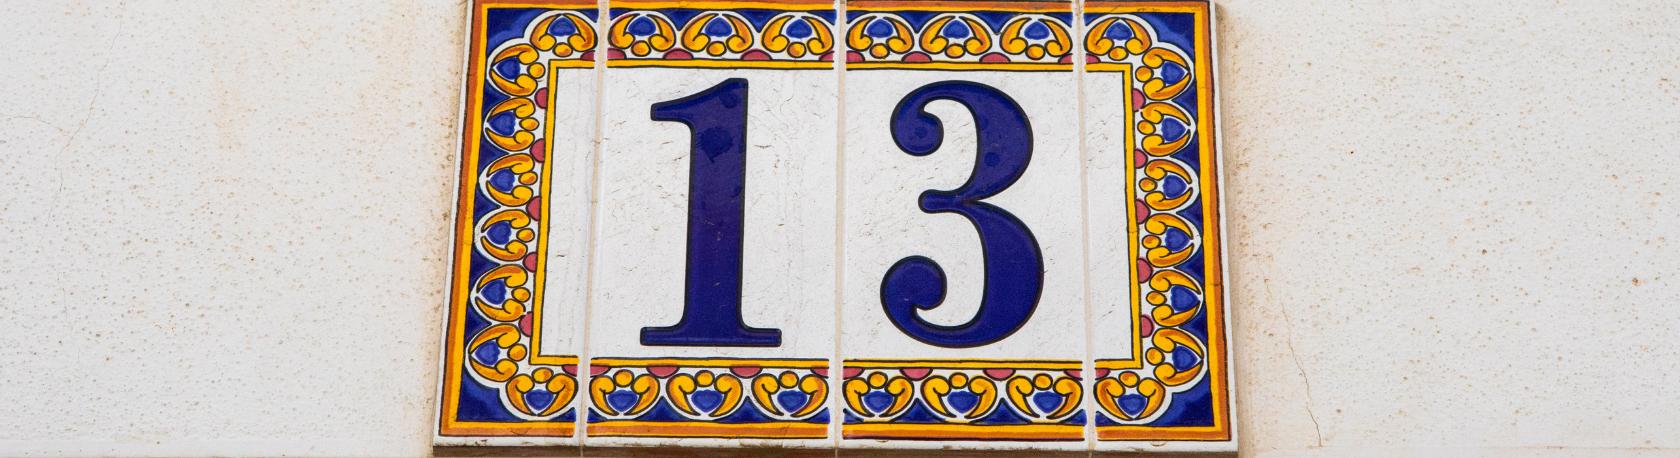 Saying of the day: Mantenerse en sus trece - Easy Español